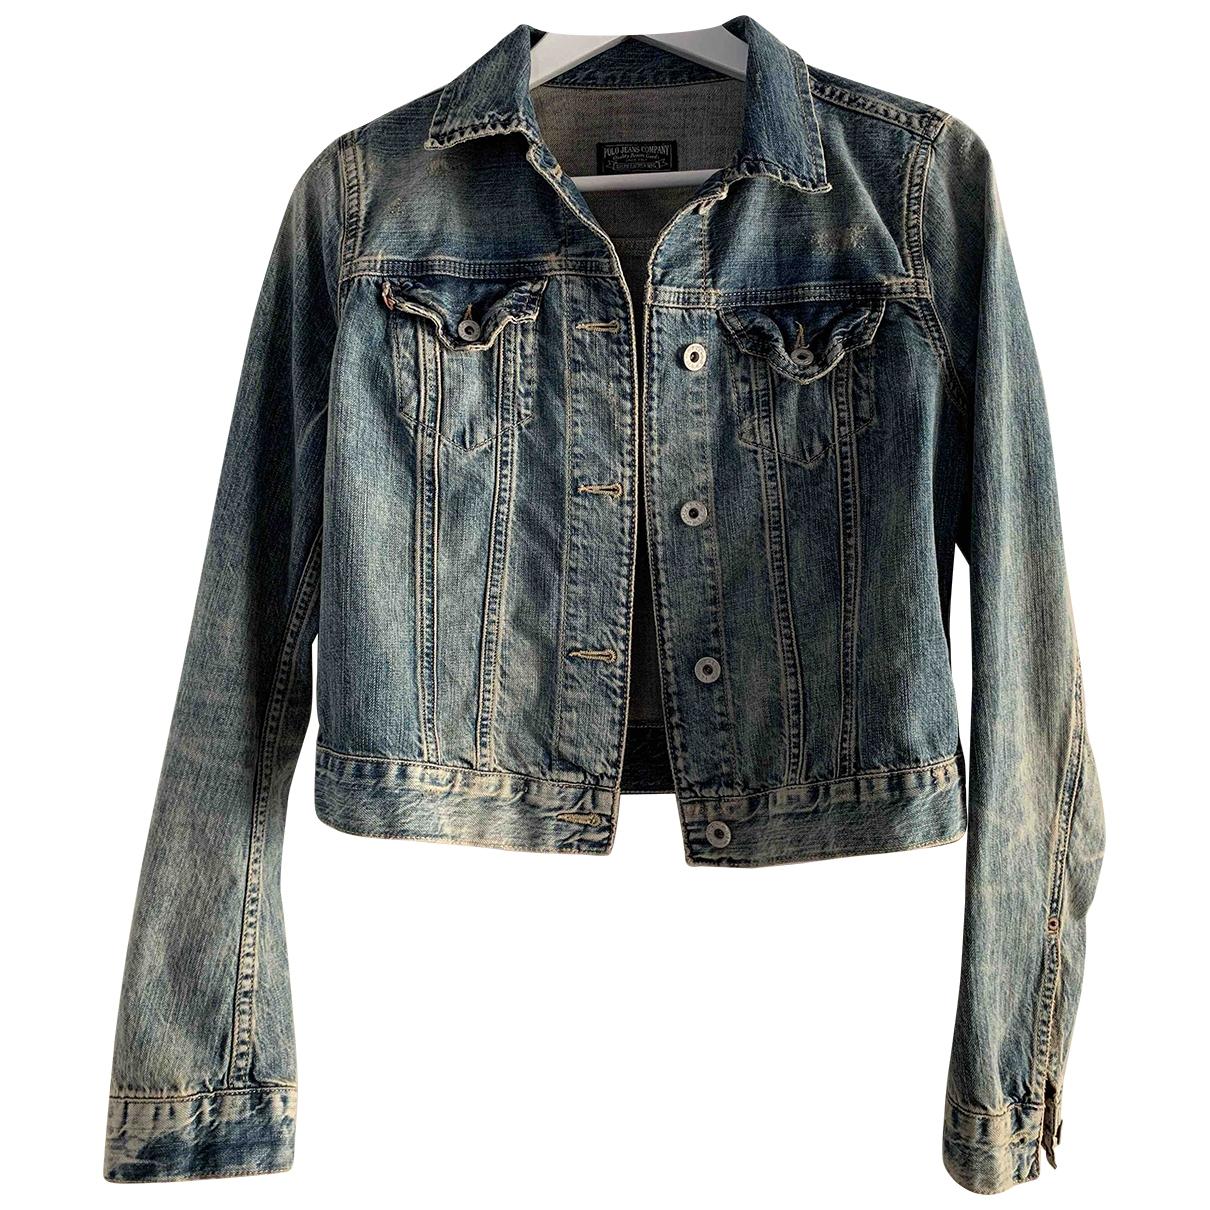 Polo Ralph Lauren \N Jacke in  Blau Denim - Jeans